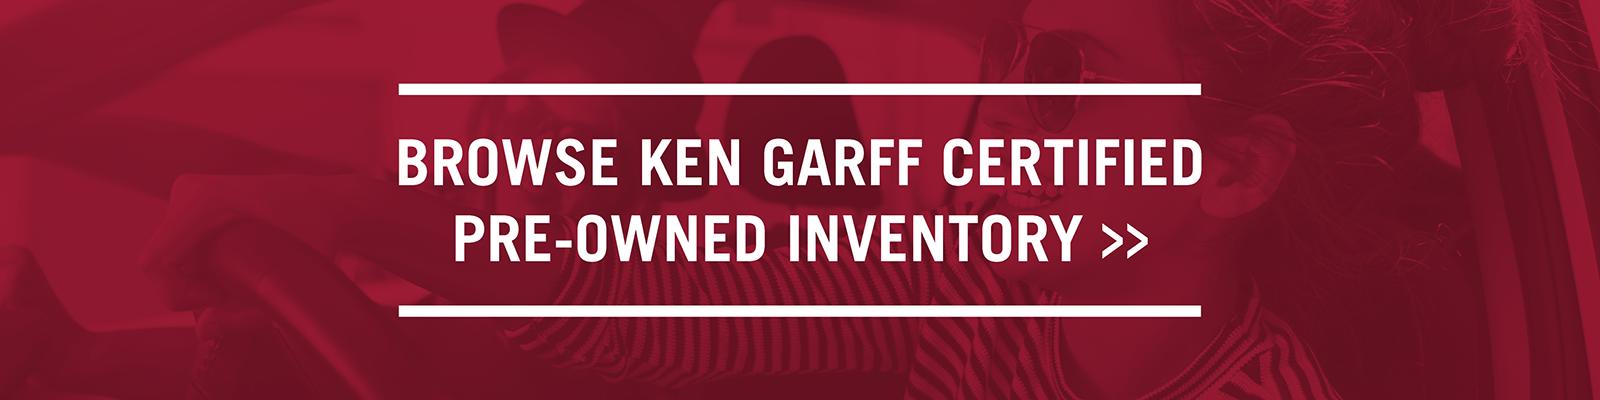 Garff Certified Pre-Owned